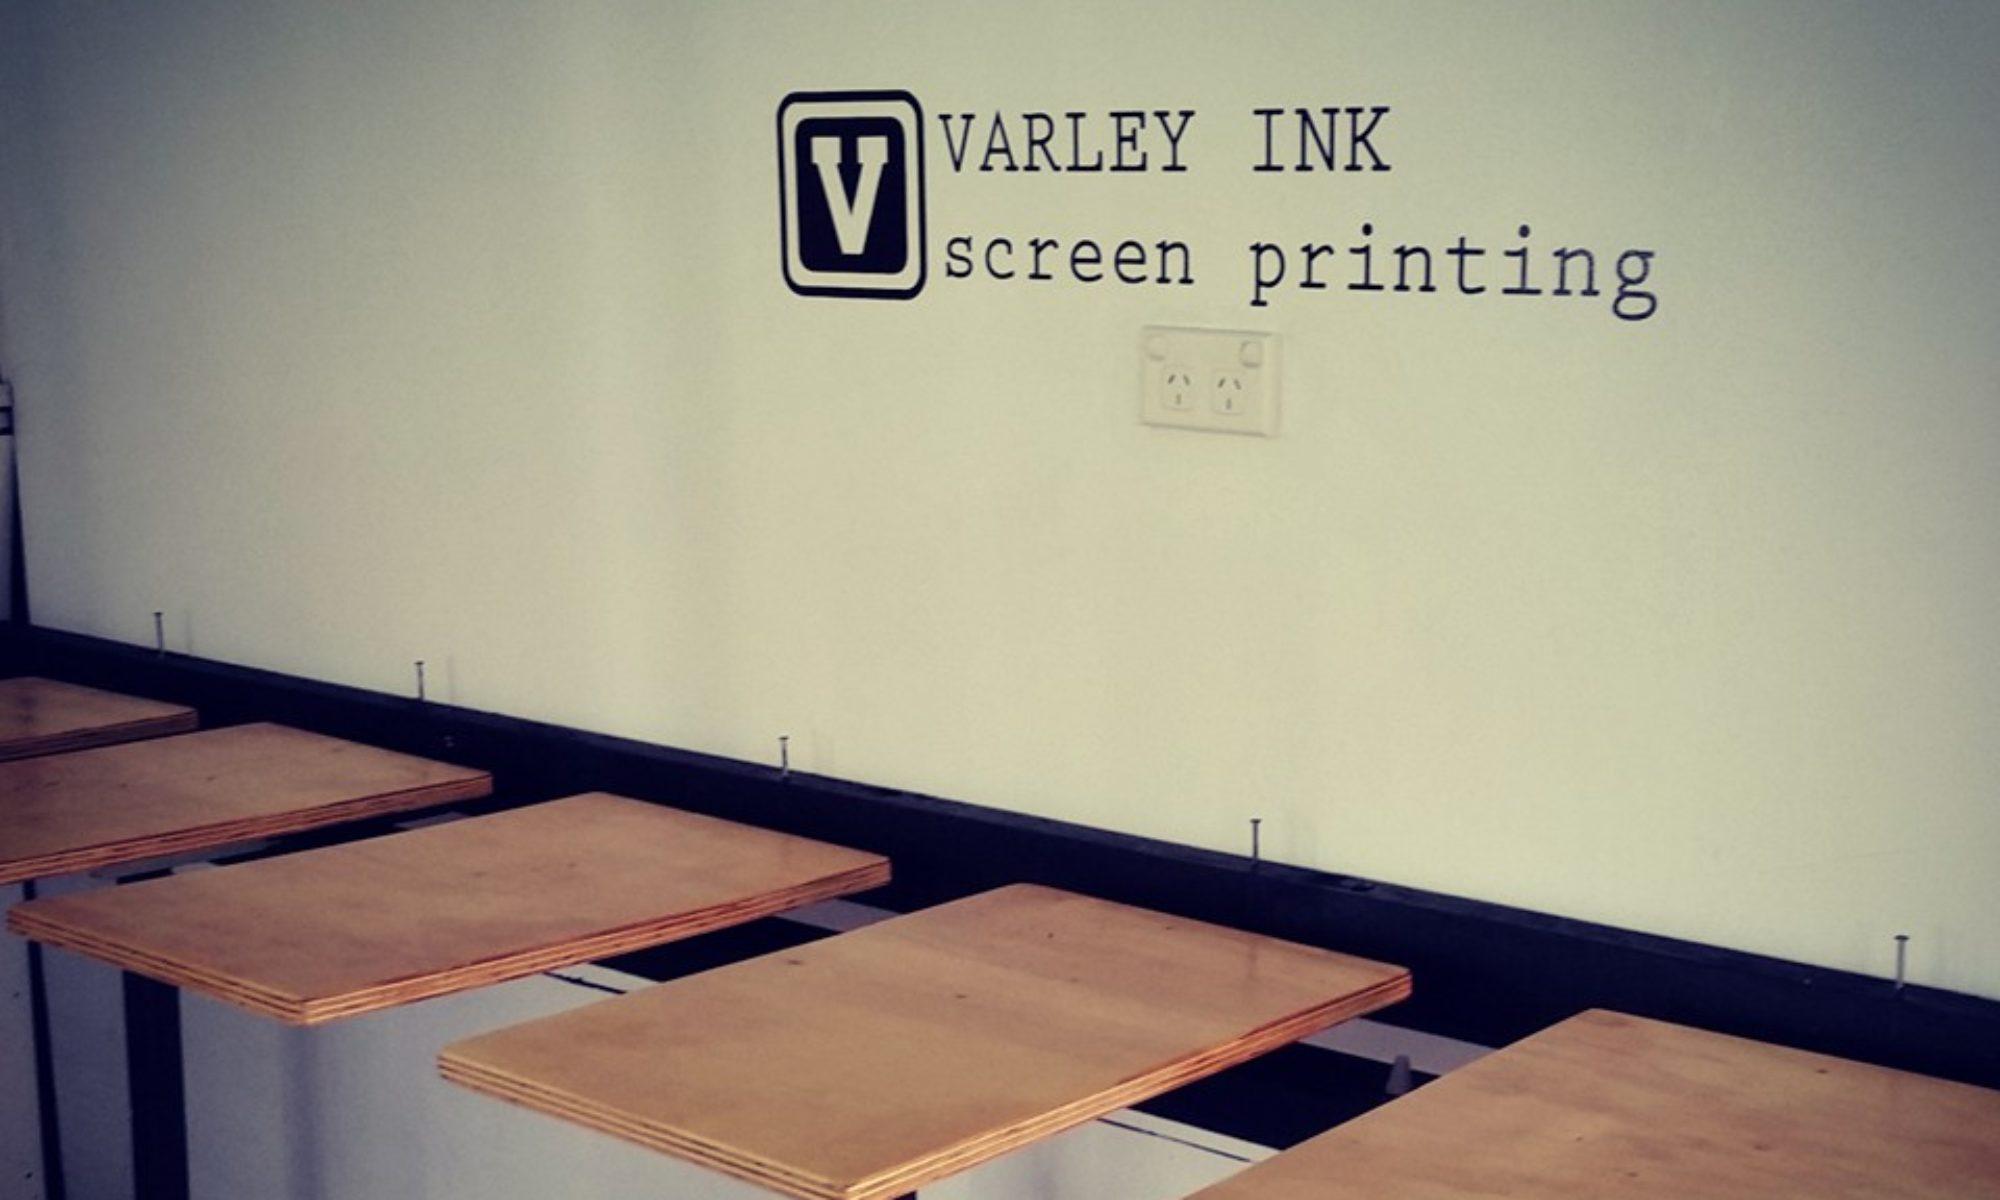 Varley Ink